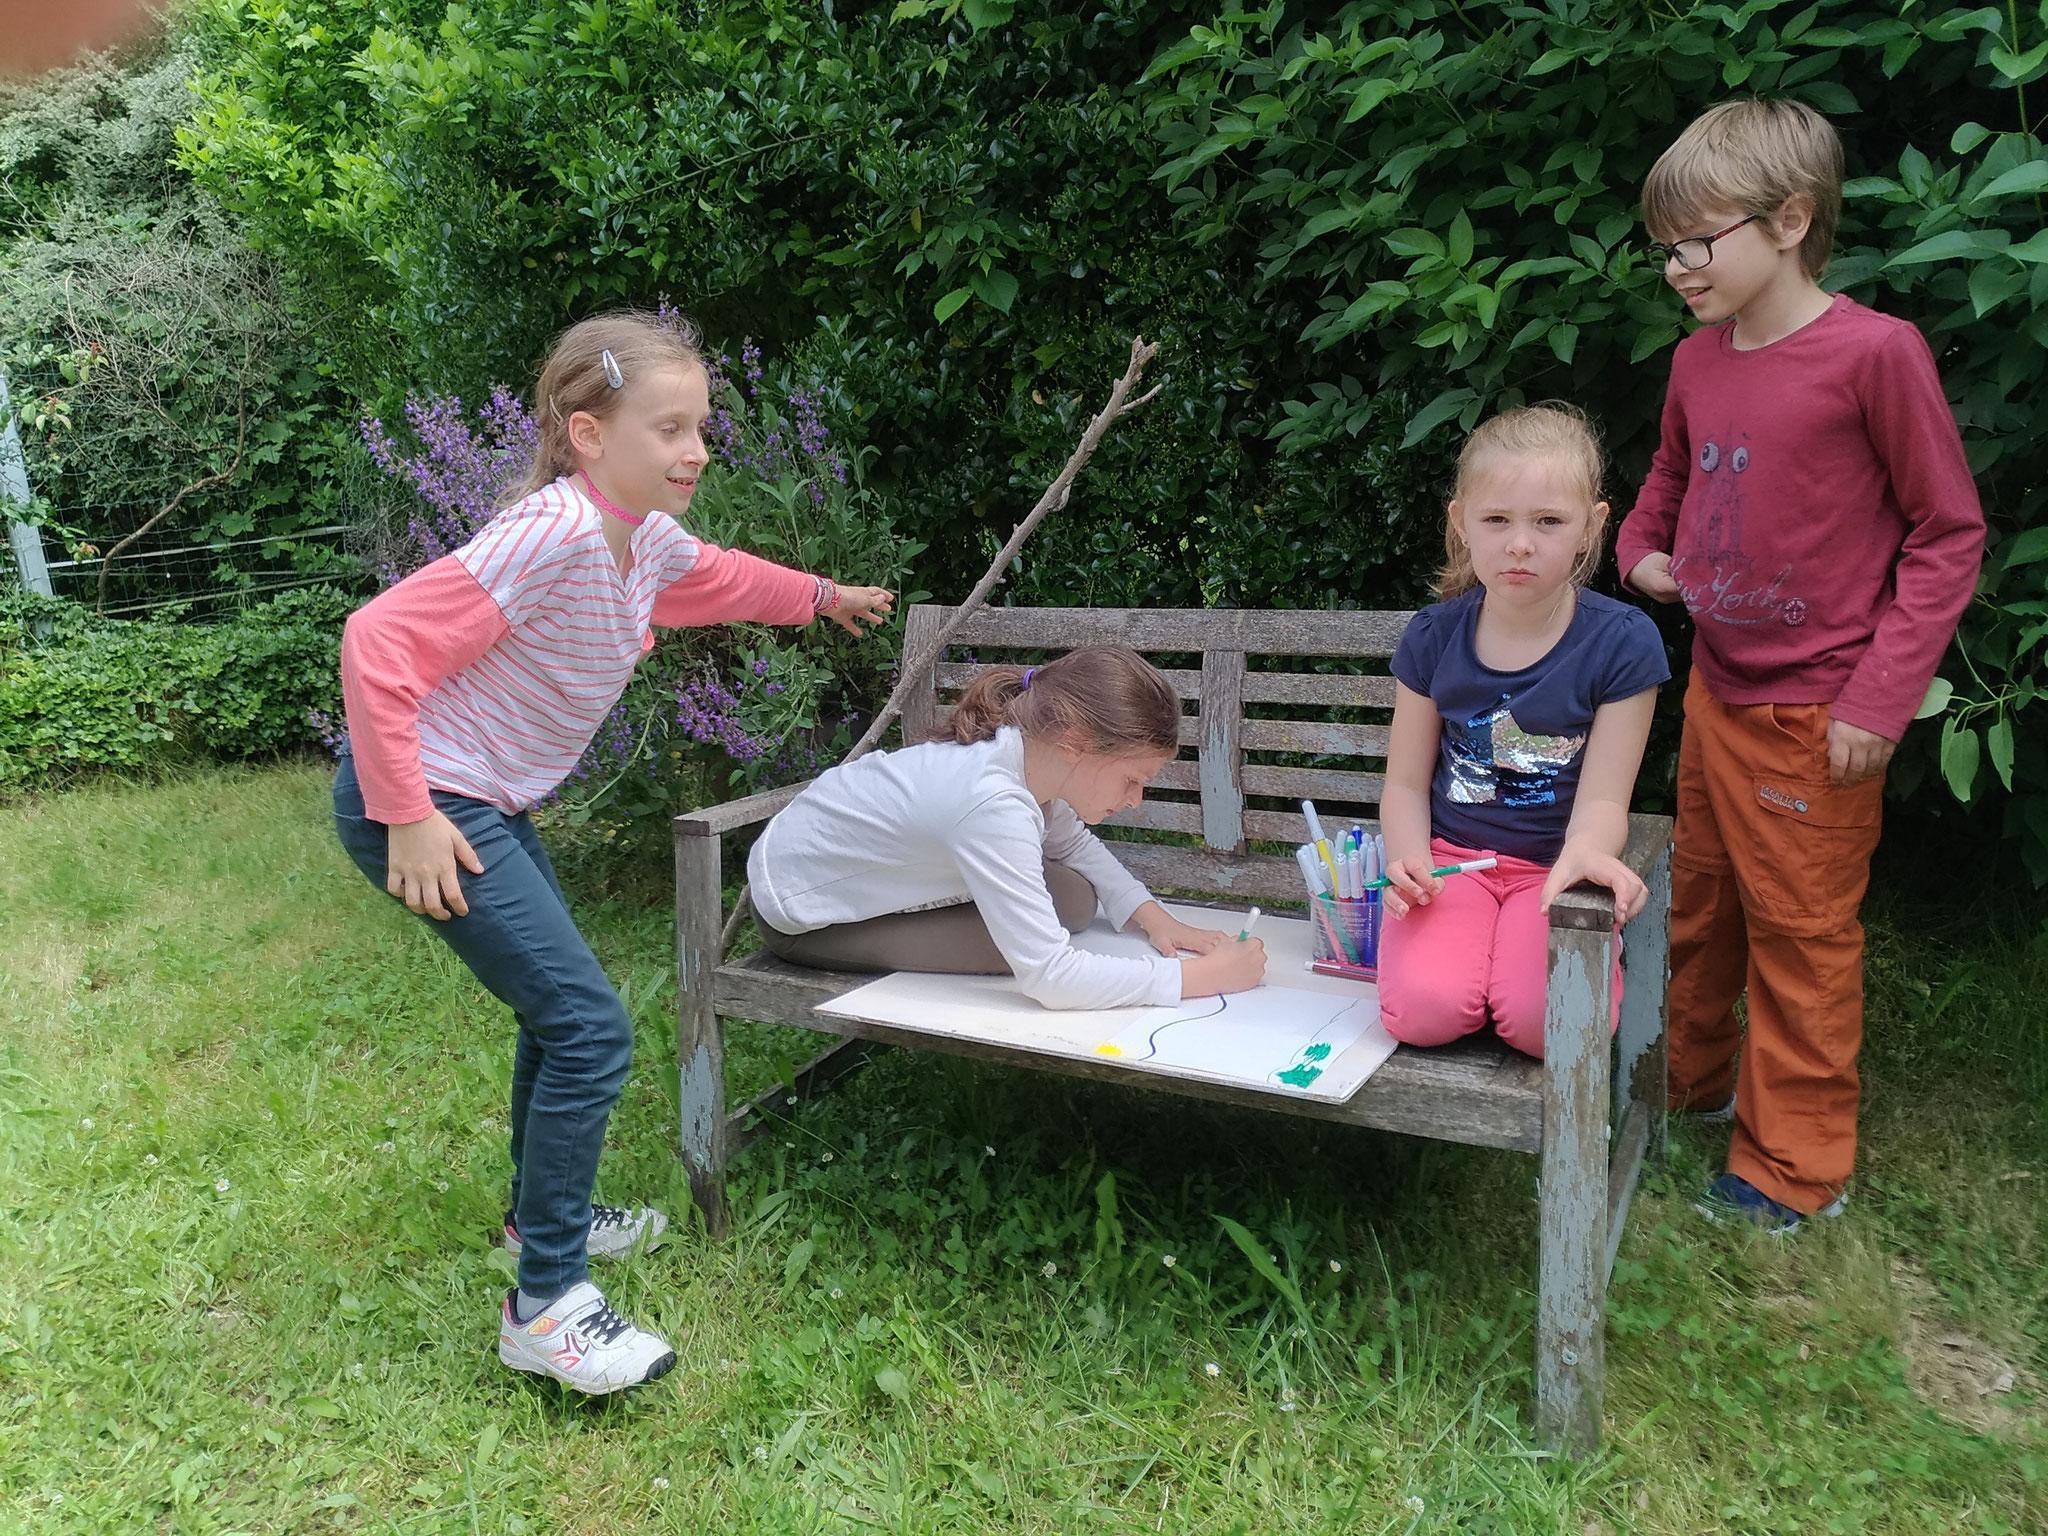 Dans le jardin de l'atelier, aux beaux jours. Créer, jouer, se détendre et s'exprimer.